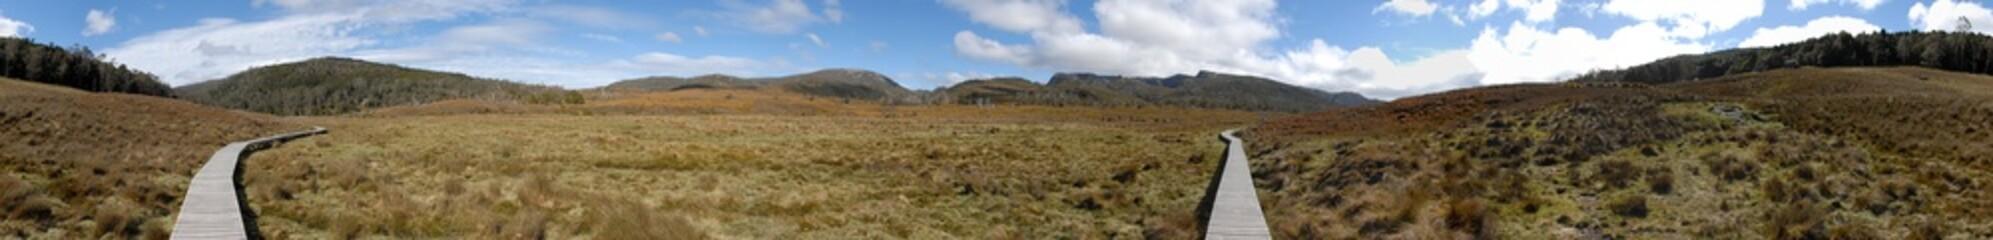 Panorama dans le Craddle Mountain National Park en Tasmanie